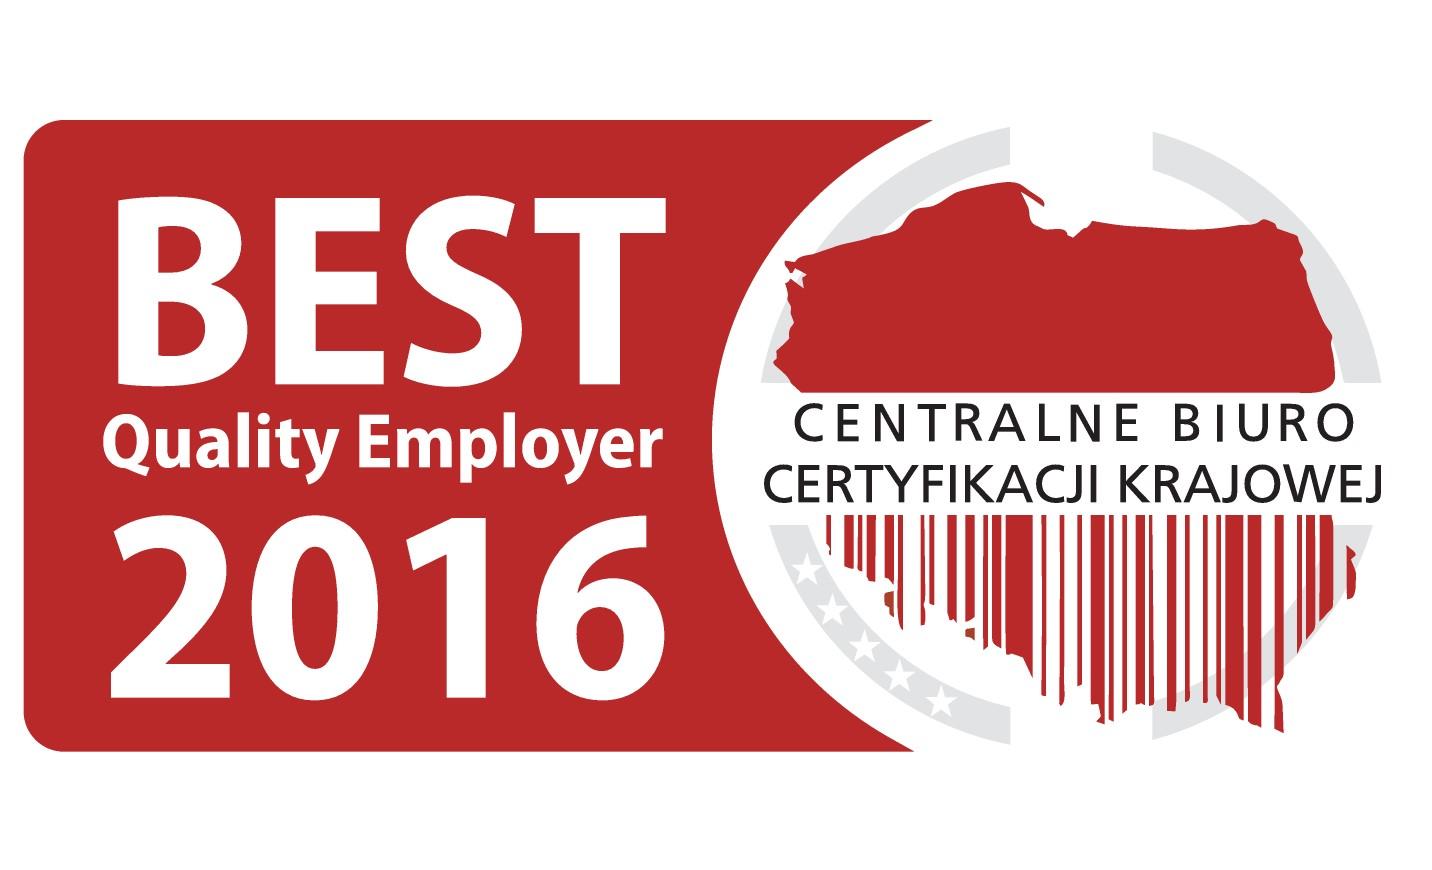 Ogólnopolski Program Best Quality Employer 2016